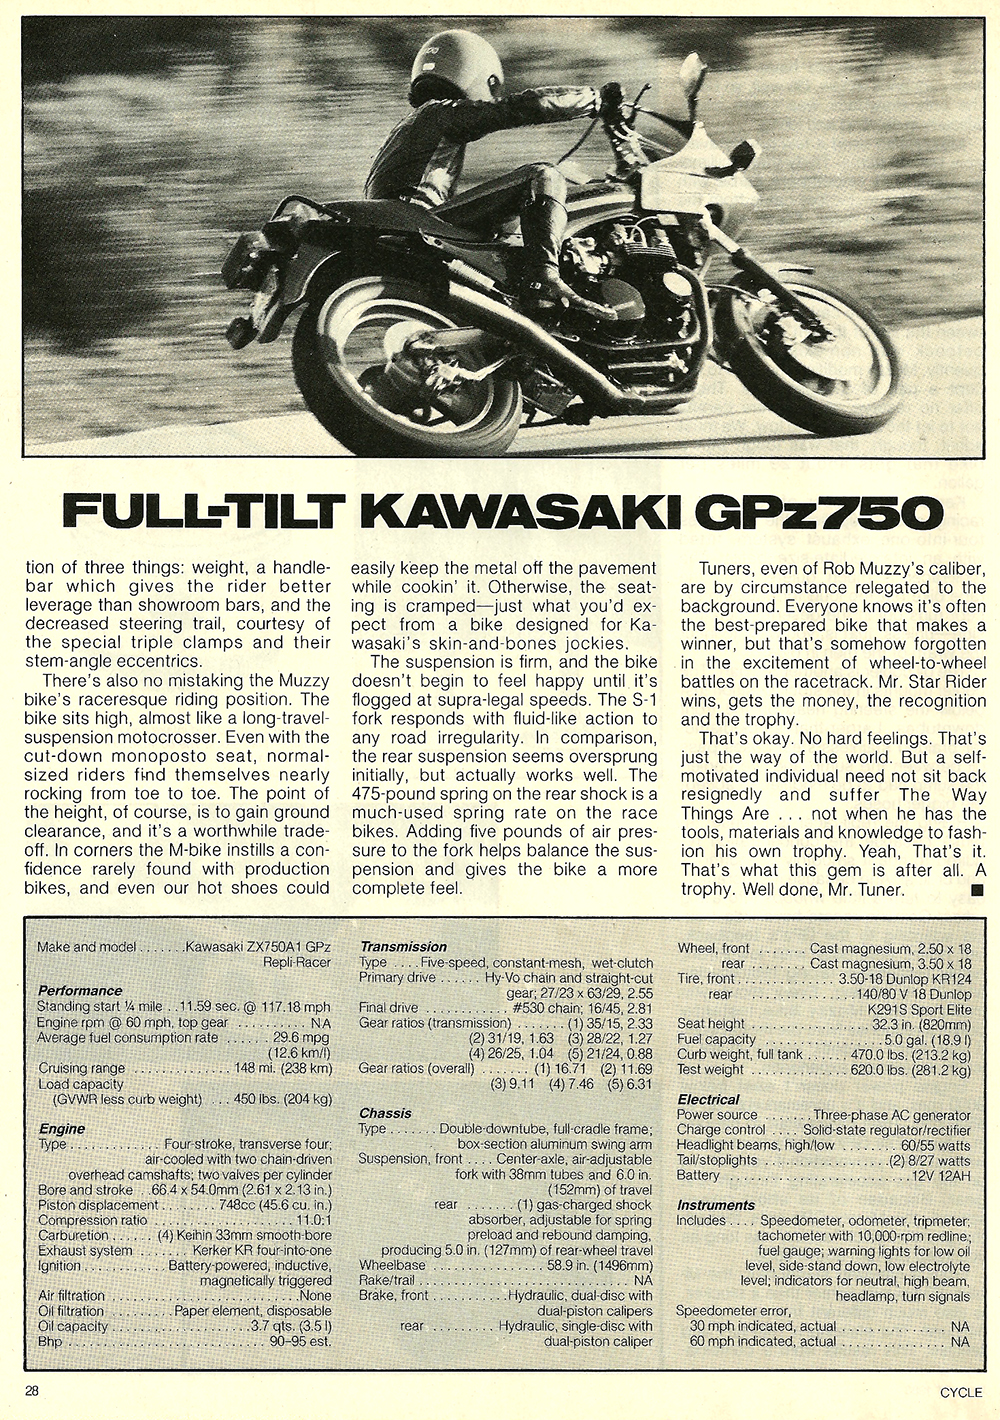 1983 Kawasaki GPz 750 full tilt test 6.jpg